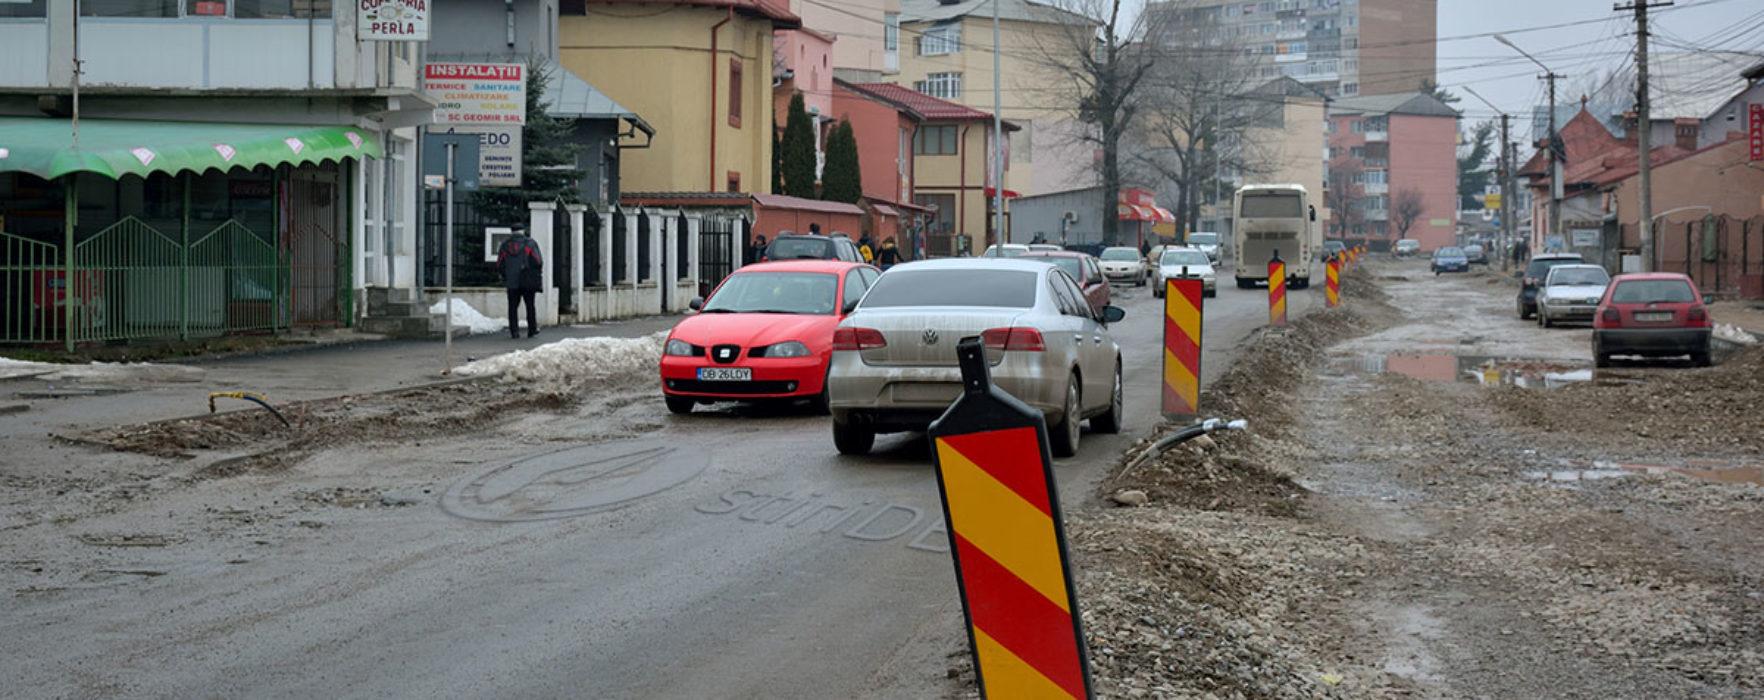 Străzi sparte în Târgovişte şi lăsate luni de zile aşa/Primăria: constructorul e de vină (audio)